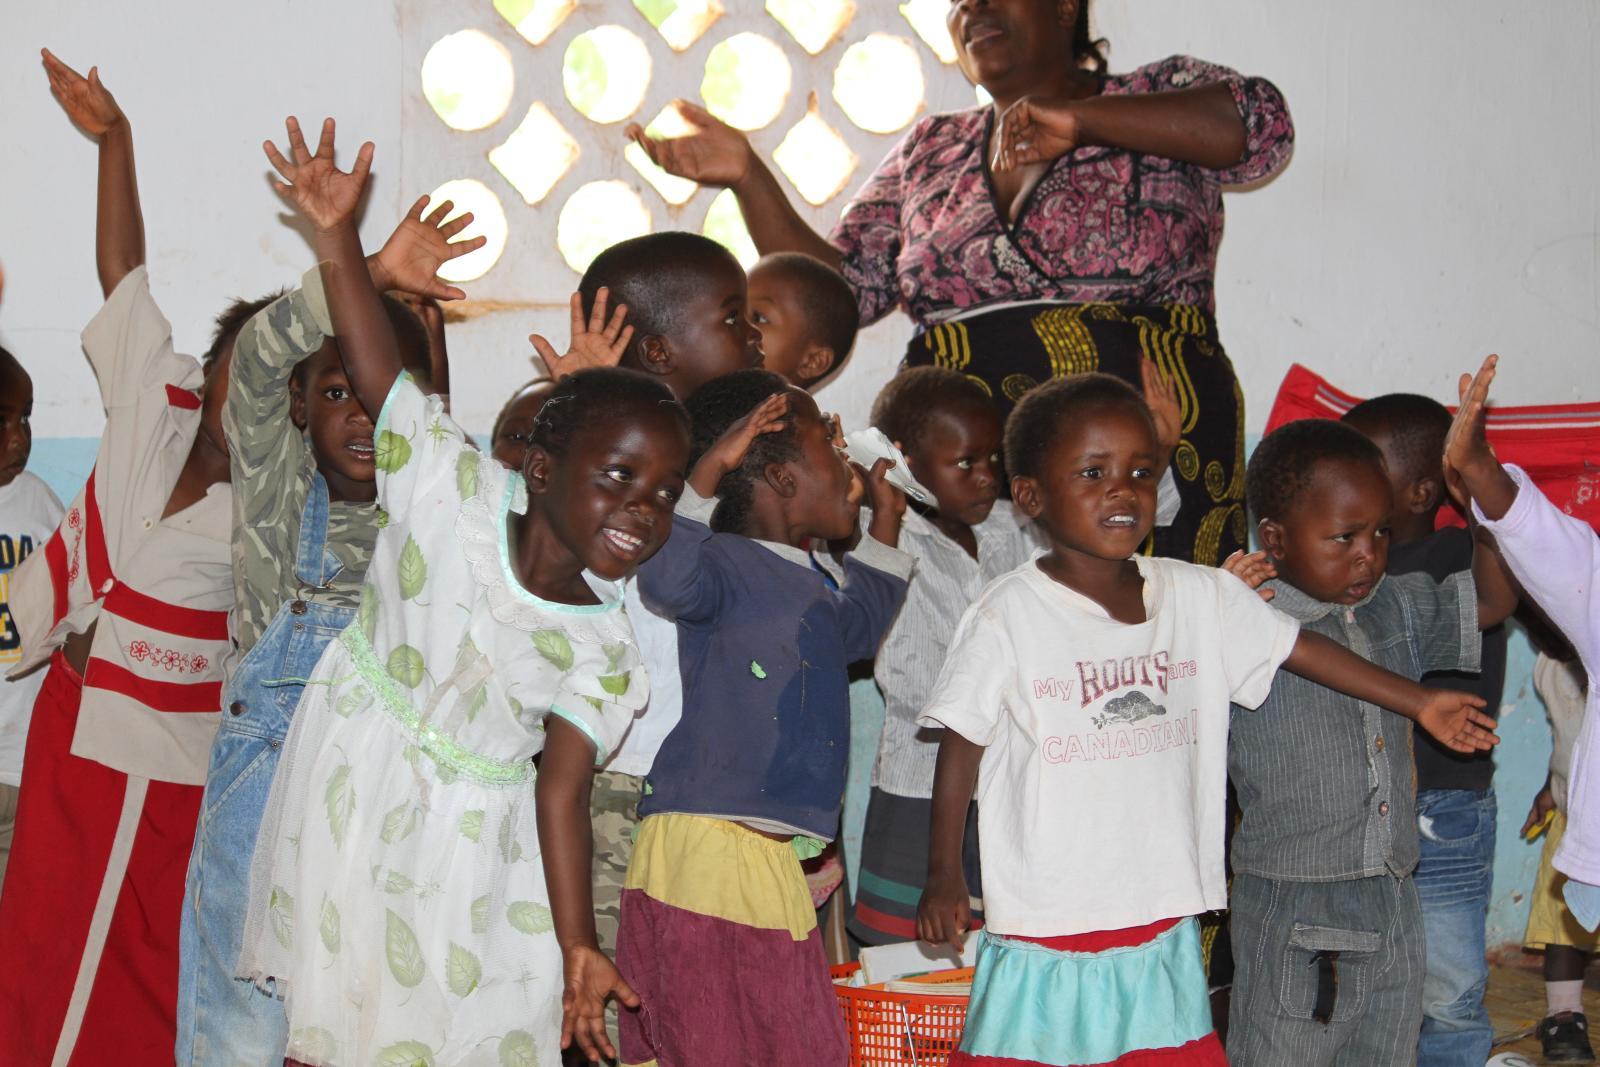 More Singing in Mica preschool with Gen